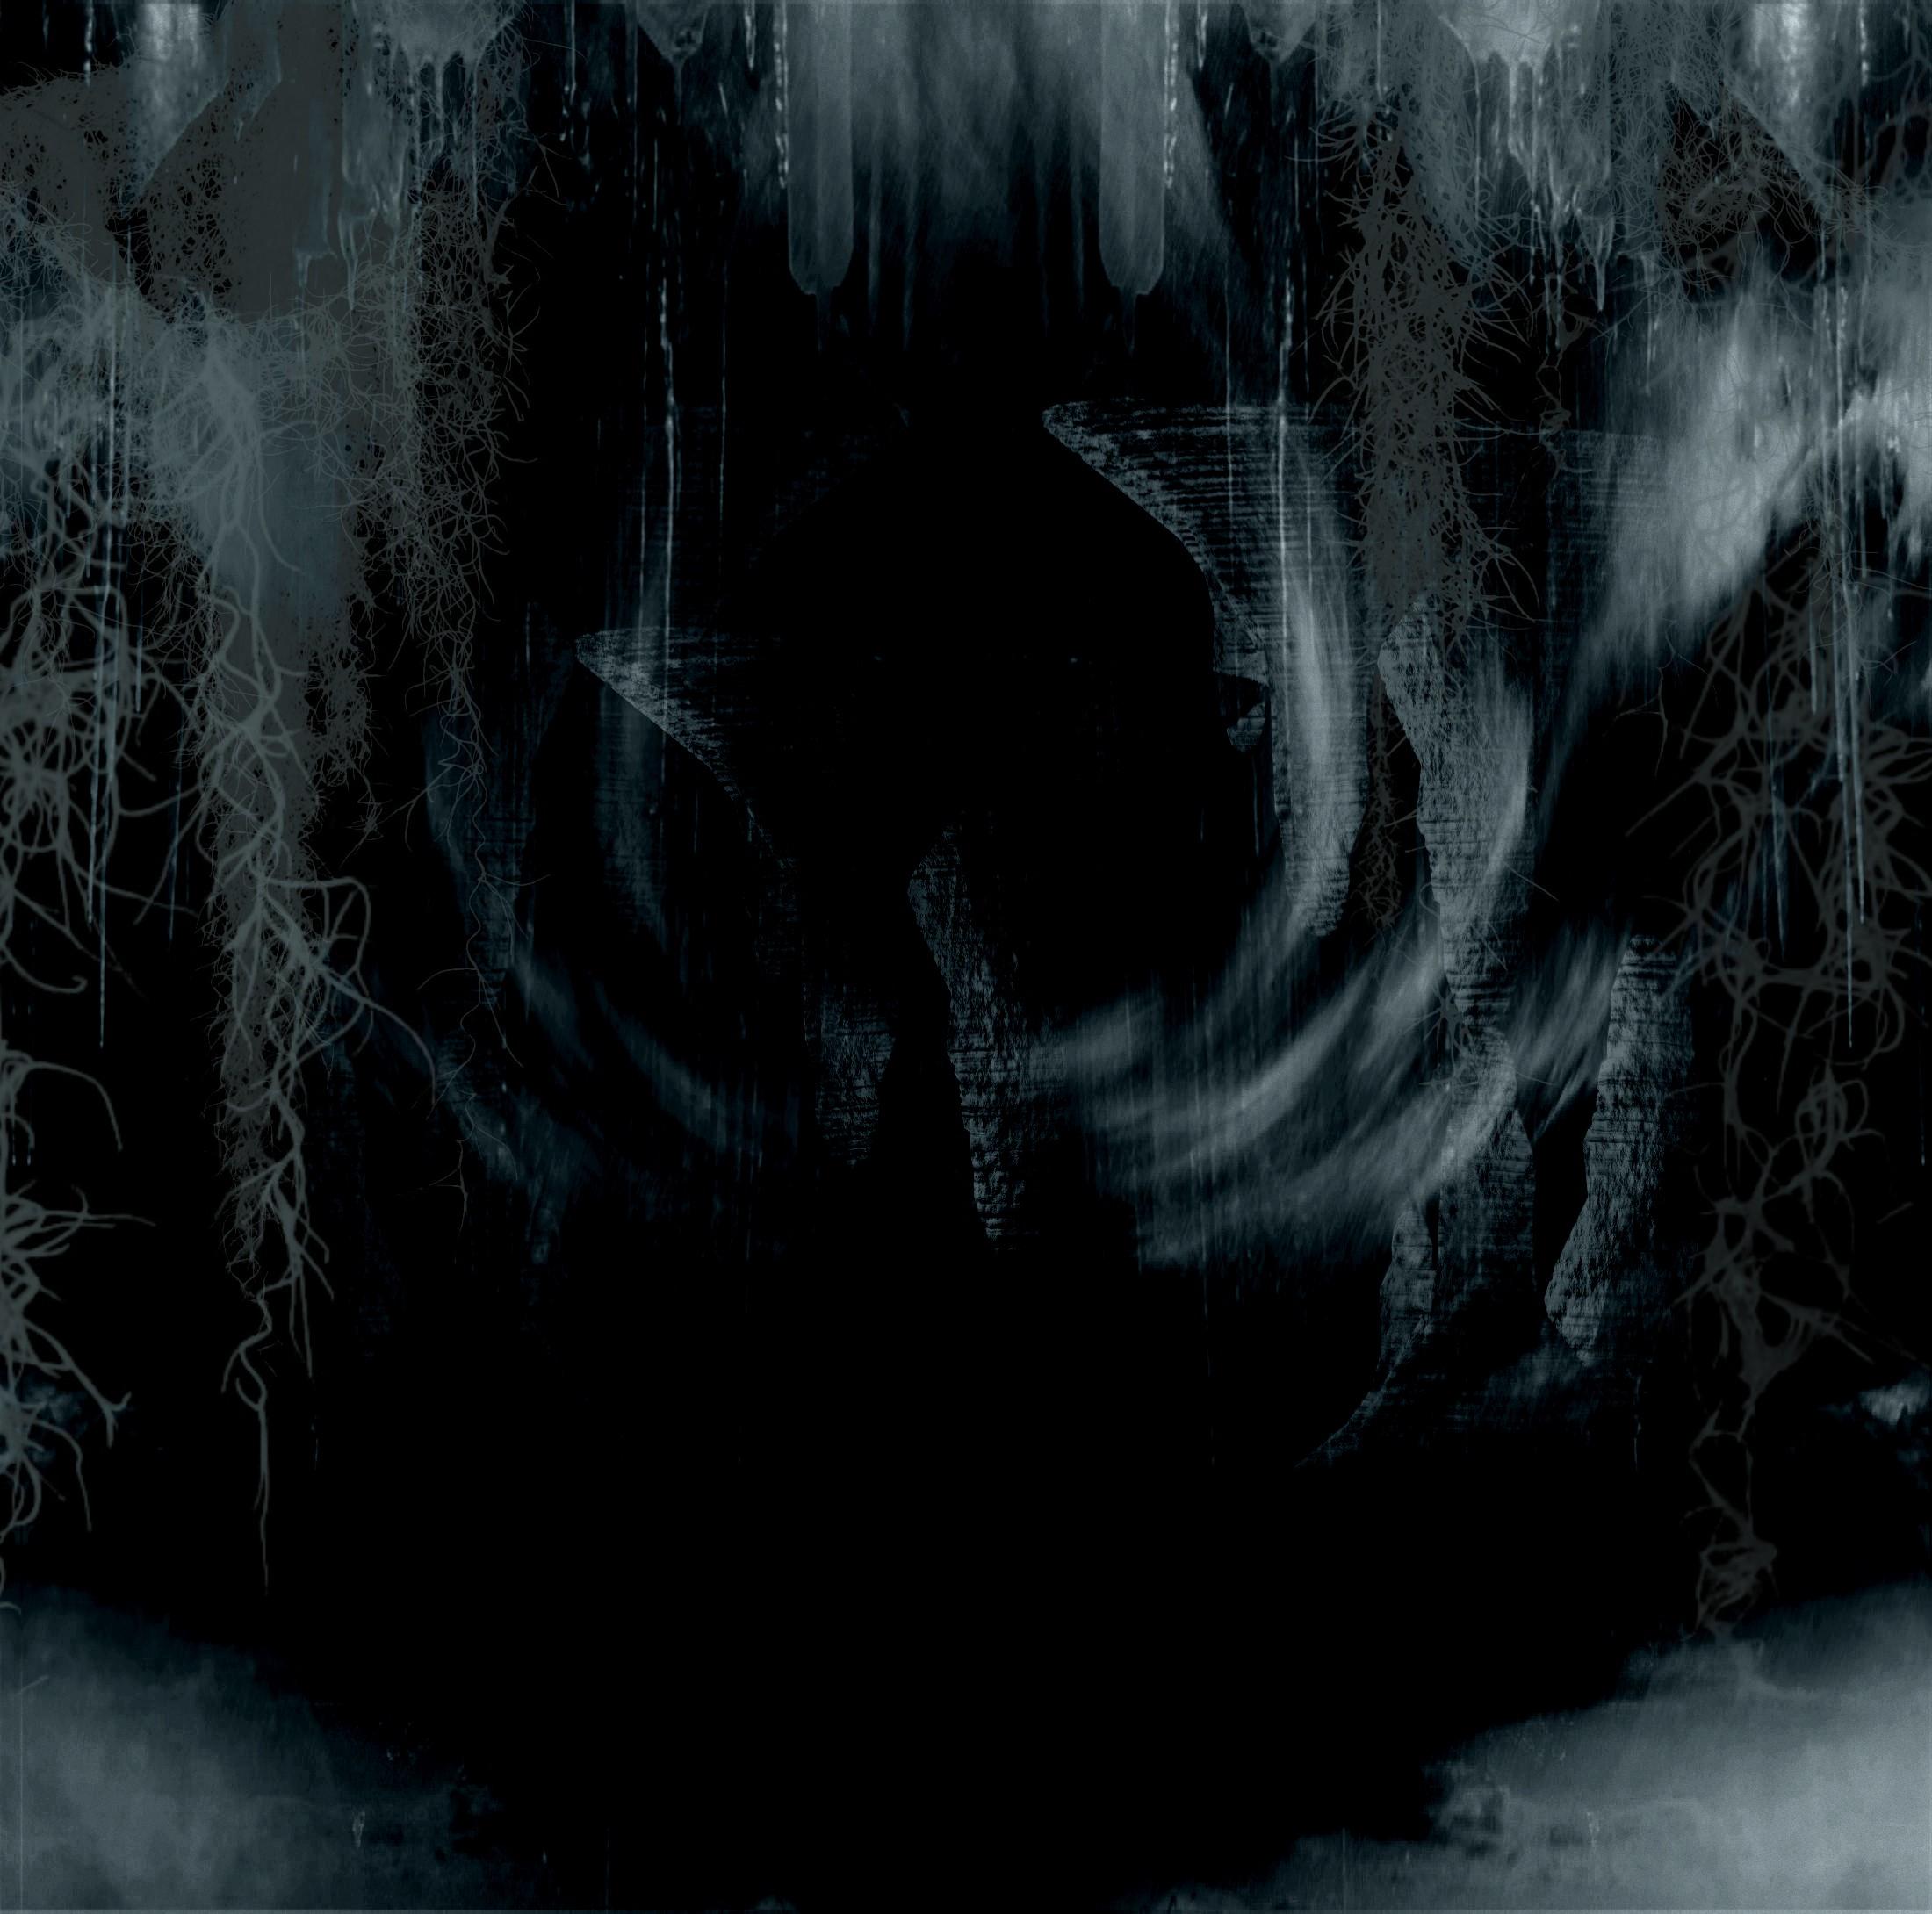 Wallpaper Sunlight Dark Night Horror Reflection